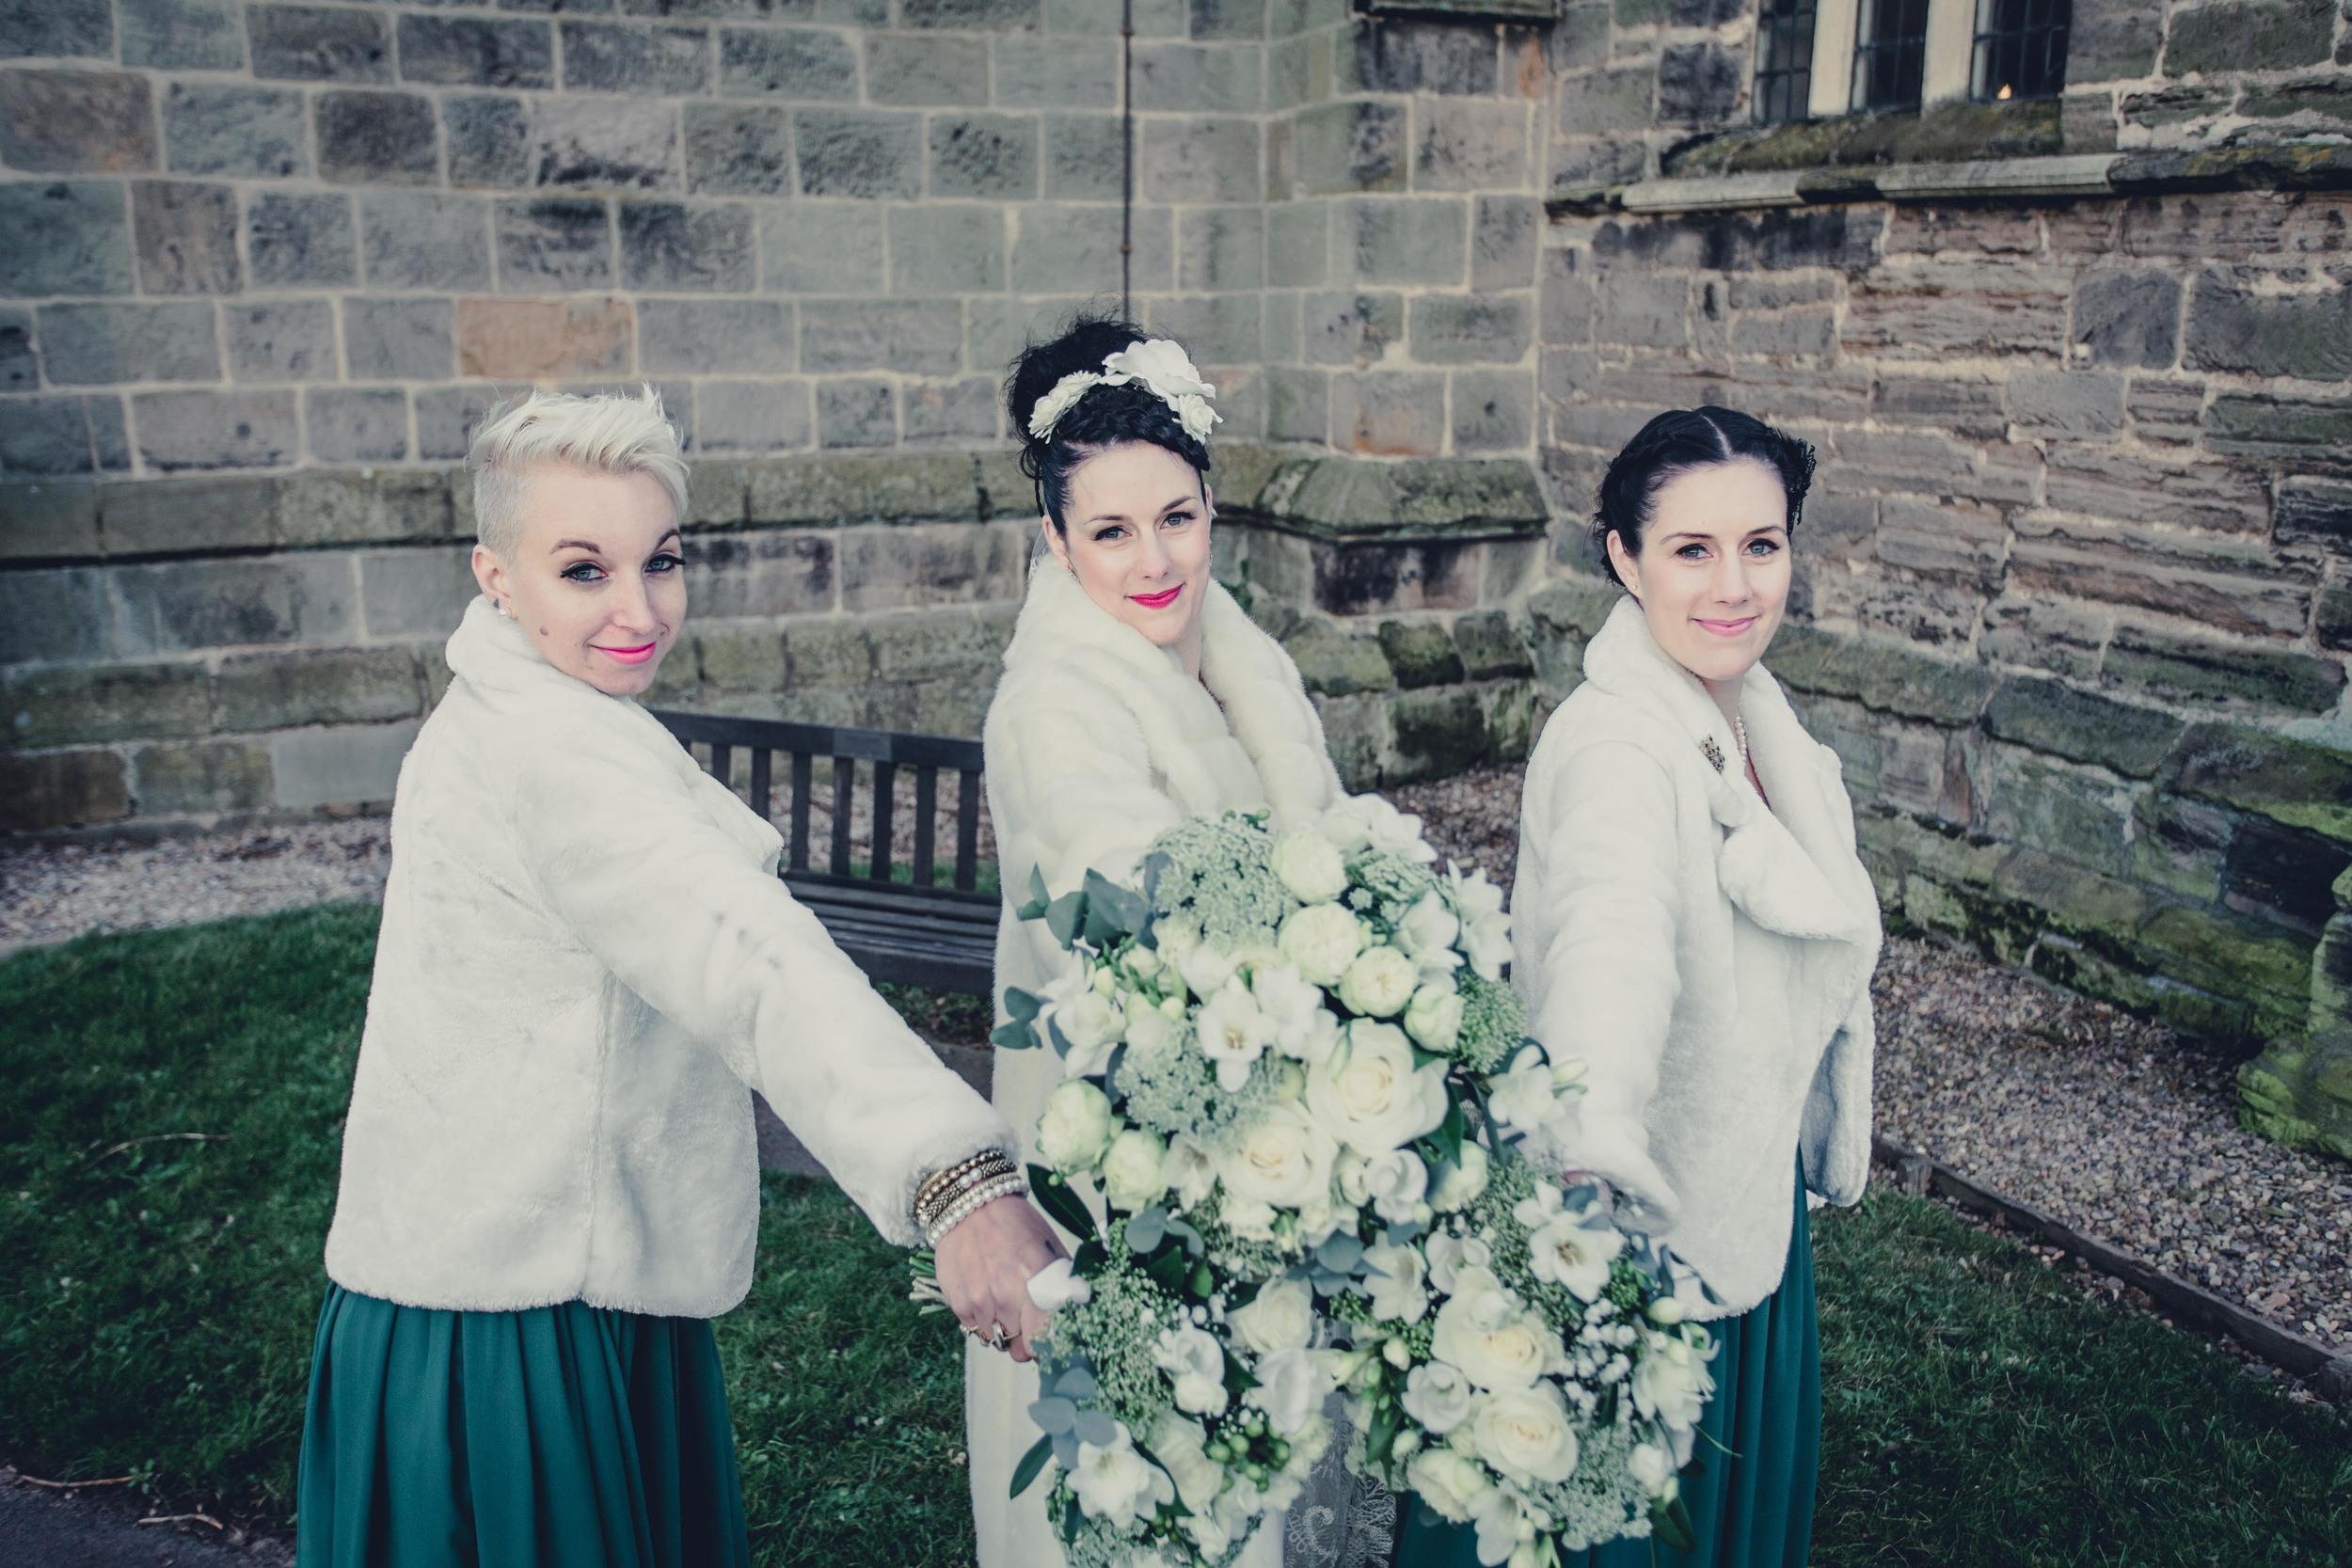 110 - Angela and Karls Wedding by www.markpugh.com -6831.jpg